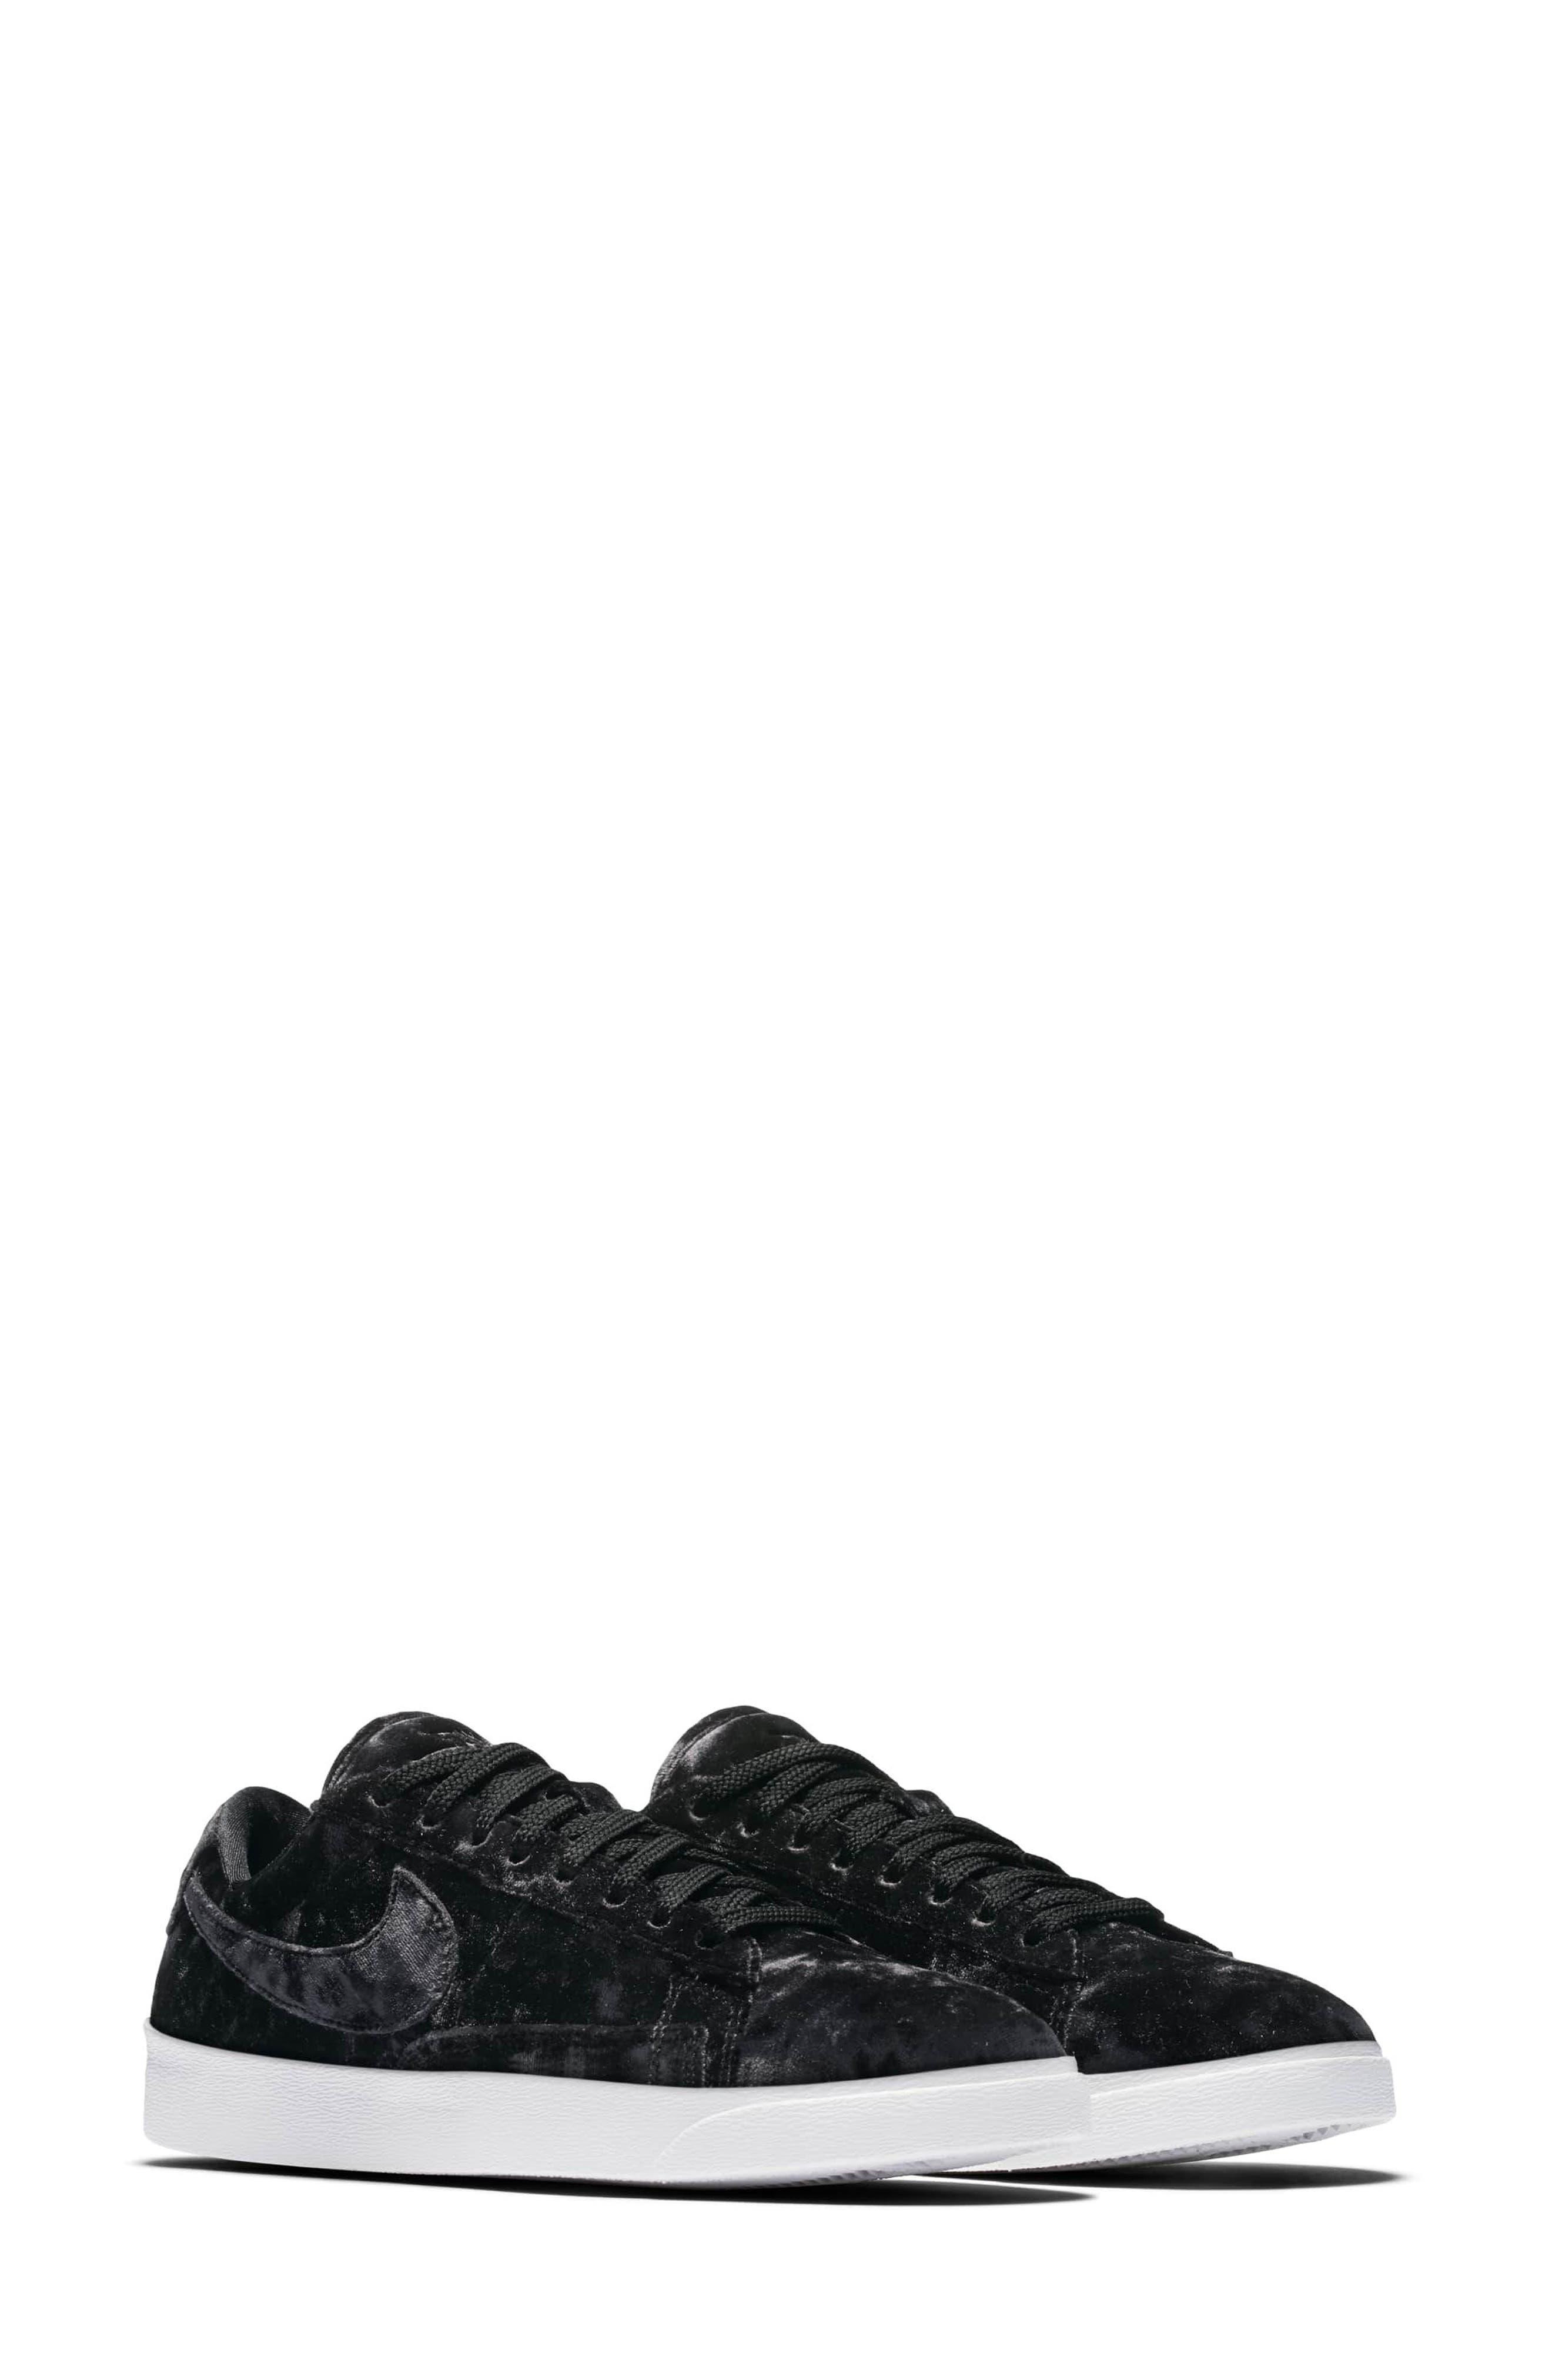 Blazer Low X Sneaker,                             Main thumbnail 1, color,                             003